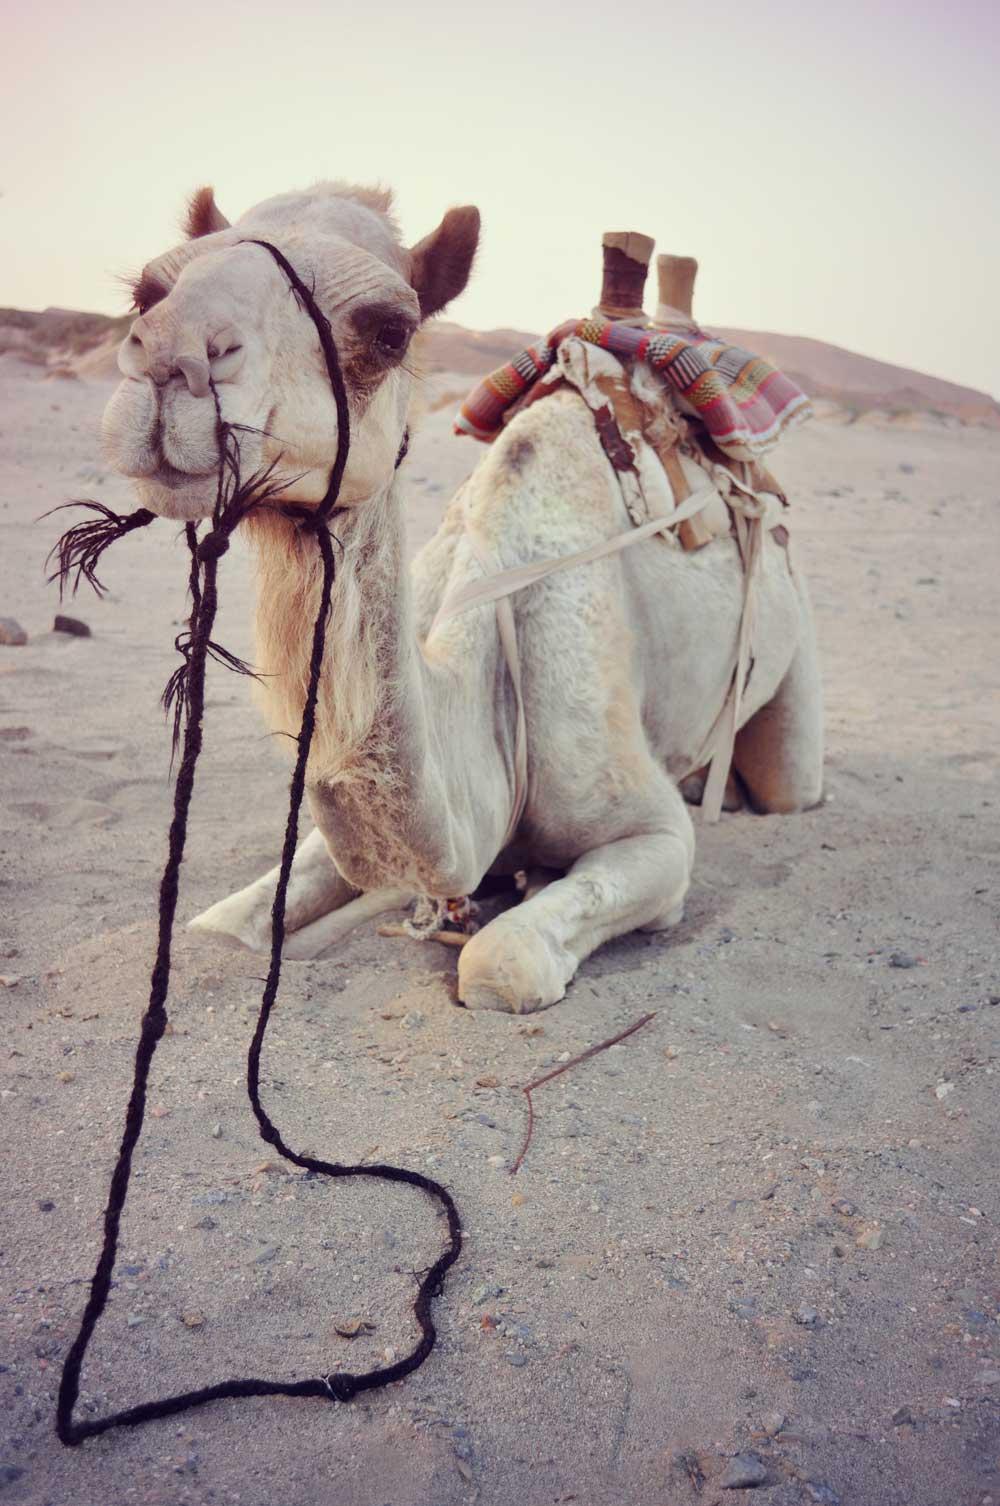 cammello deserto abu dhabi